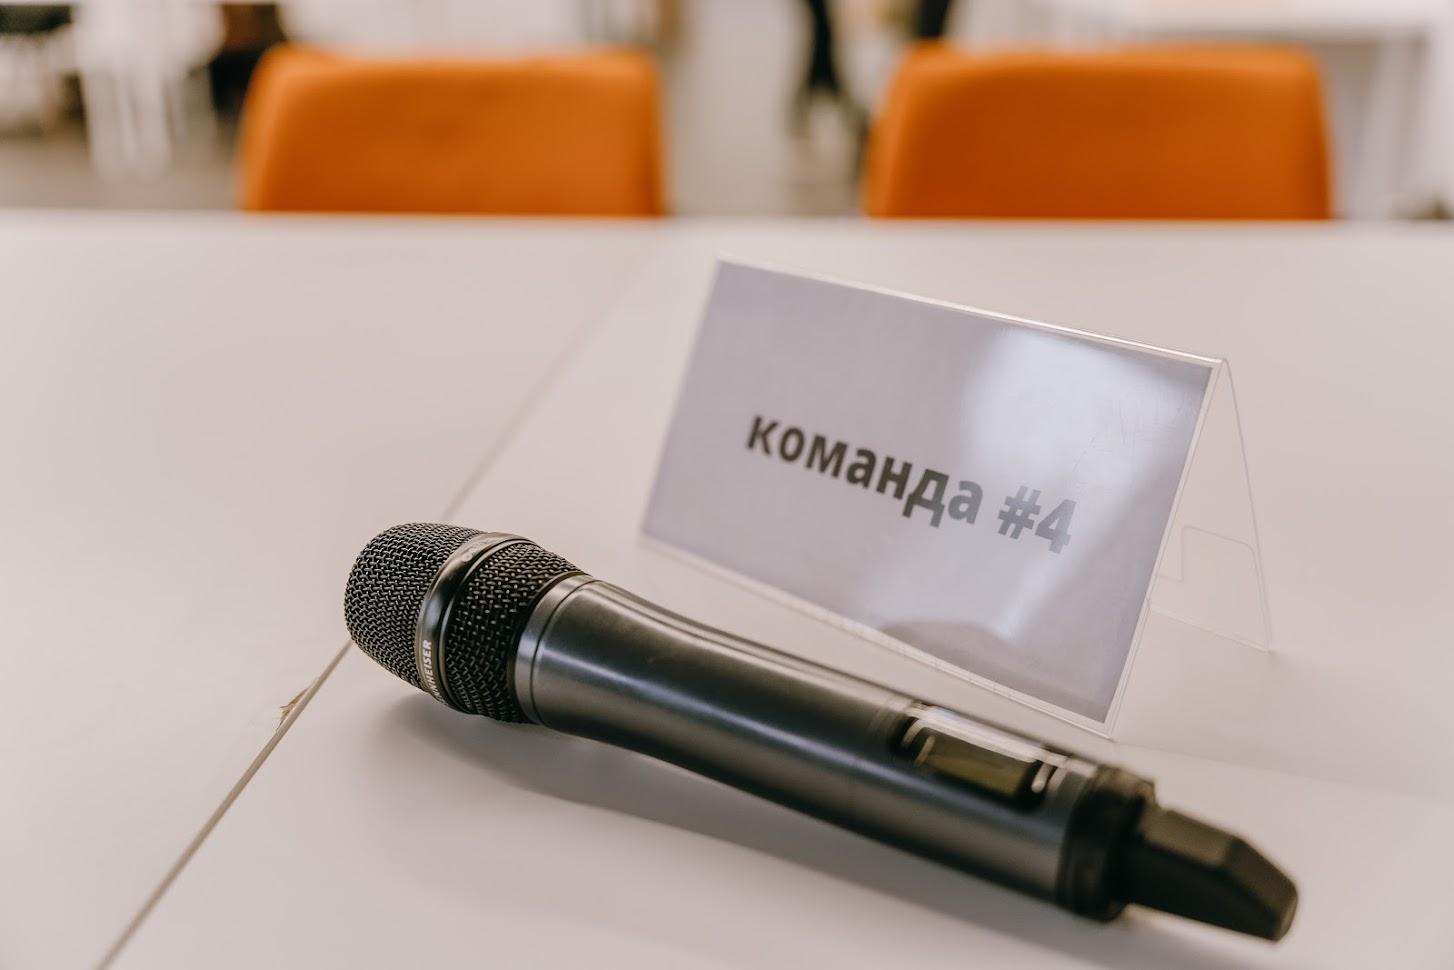 mikrophone.JPG (95 KB)